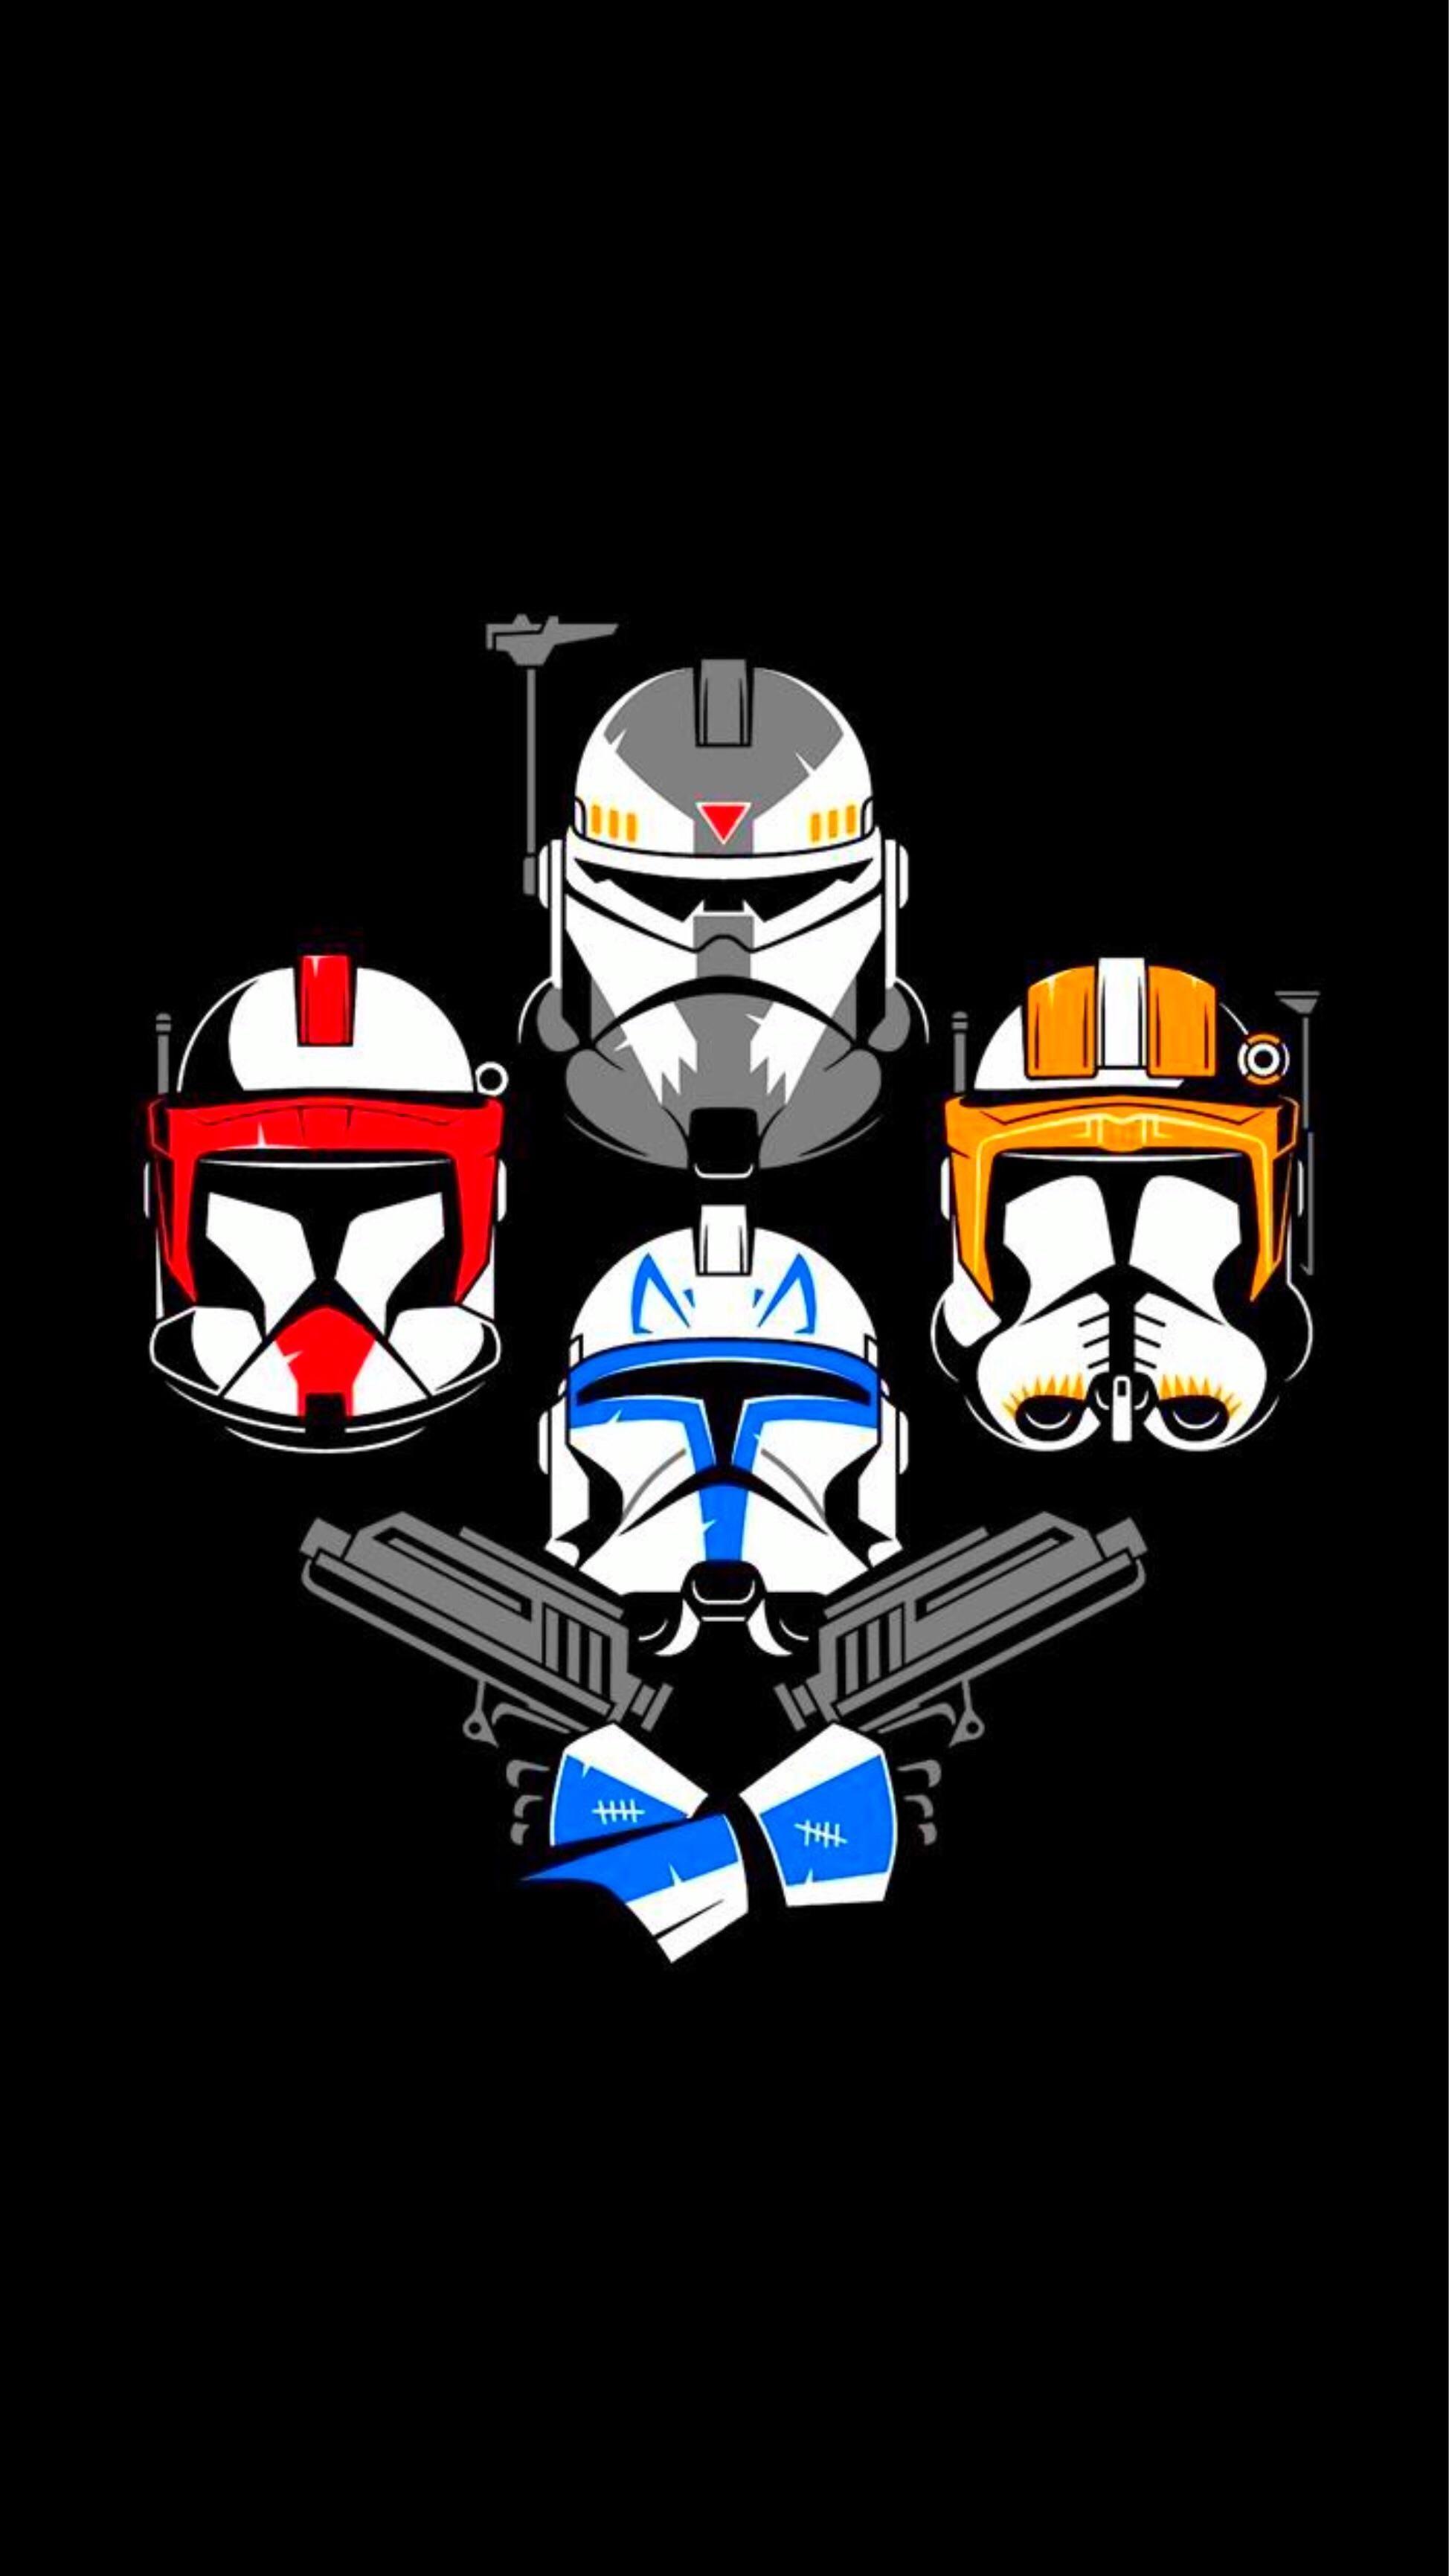 Clone Trooper Helmet Wallpapers Top Free Clone Trooper Helmet Backgrounds Wallpaperaccess